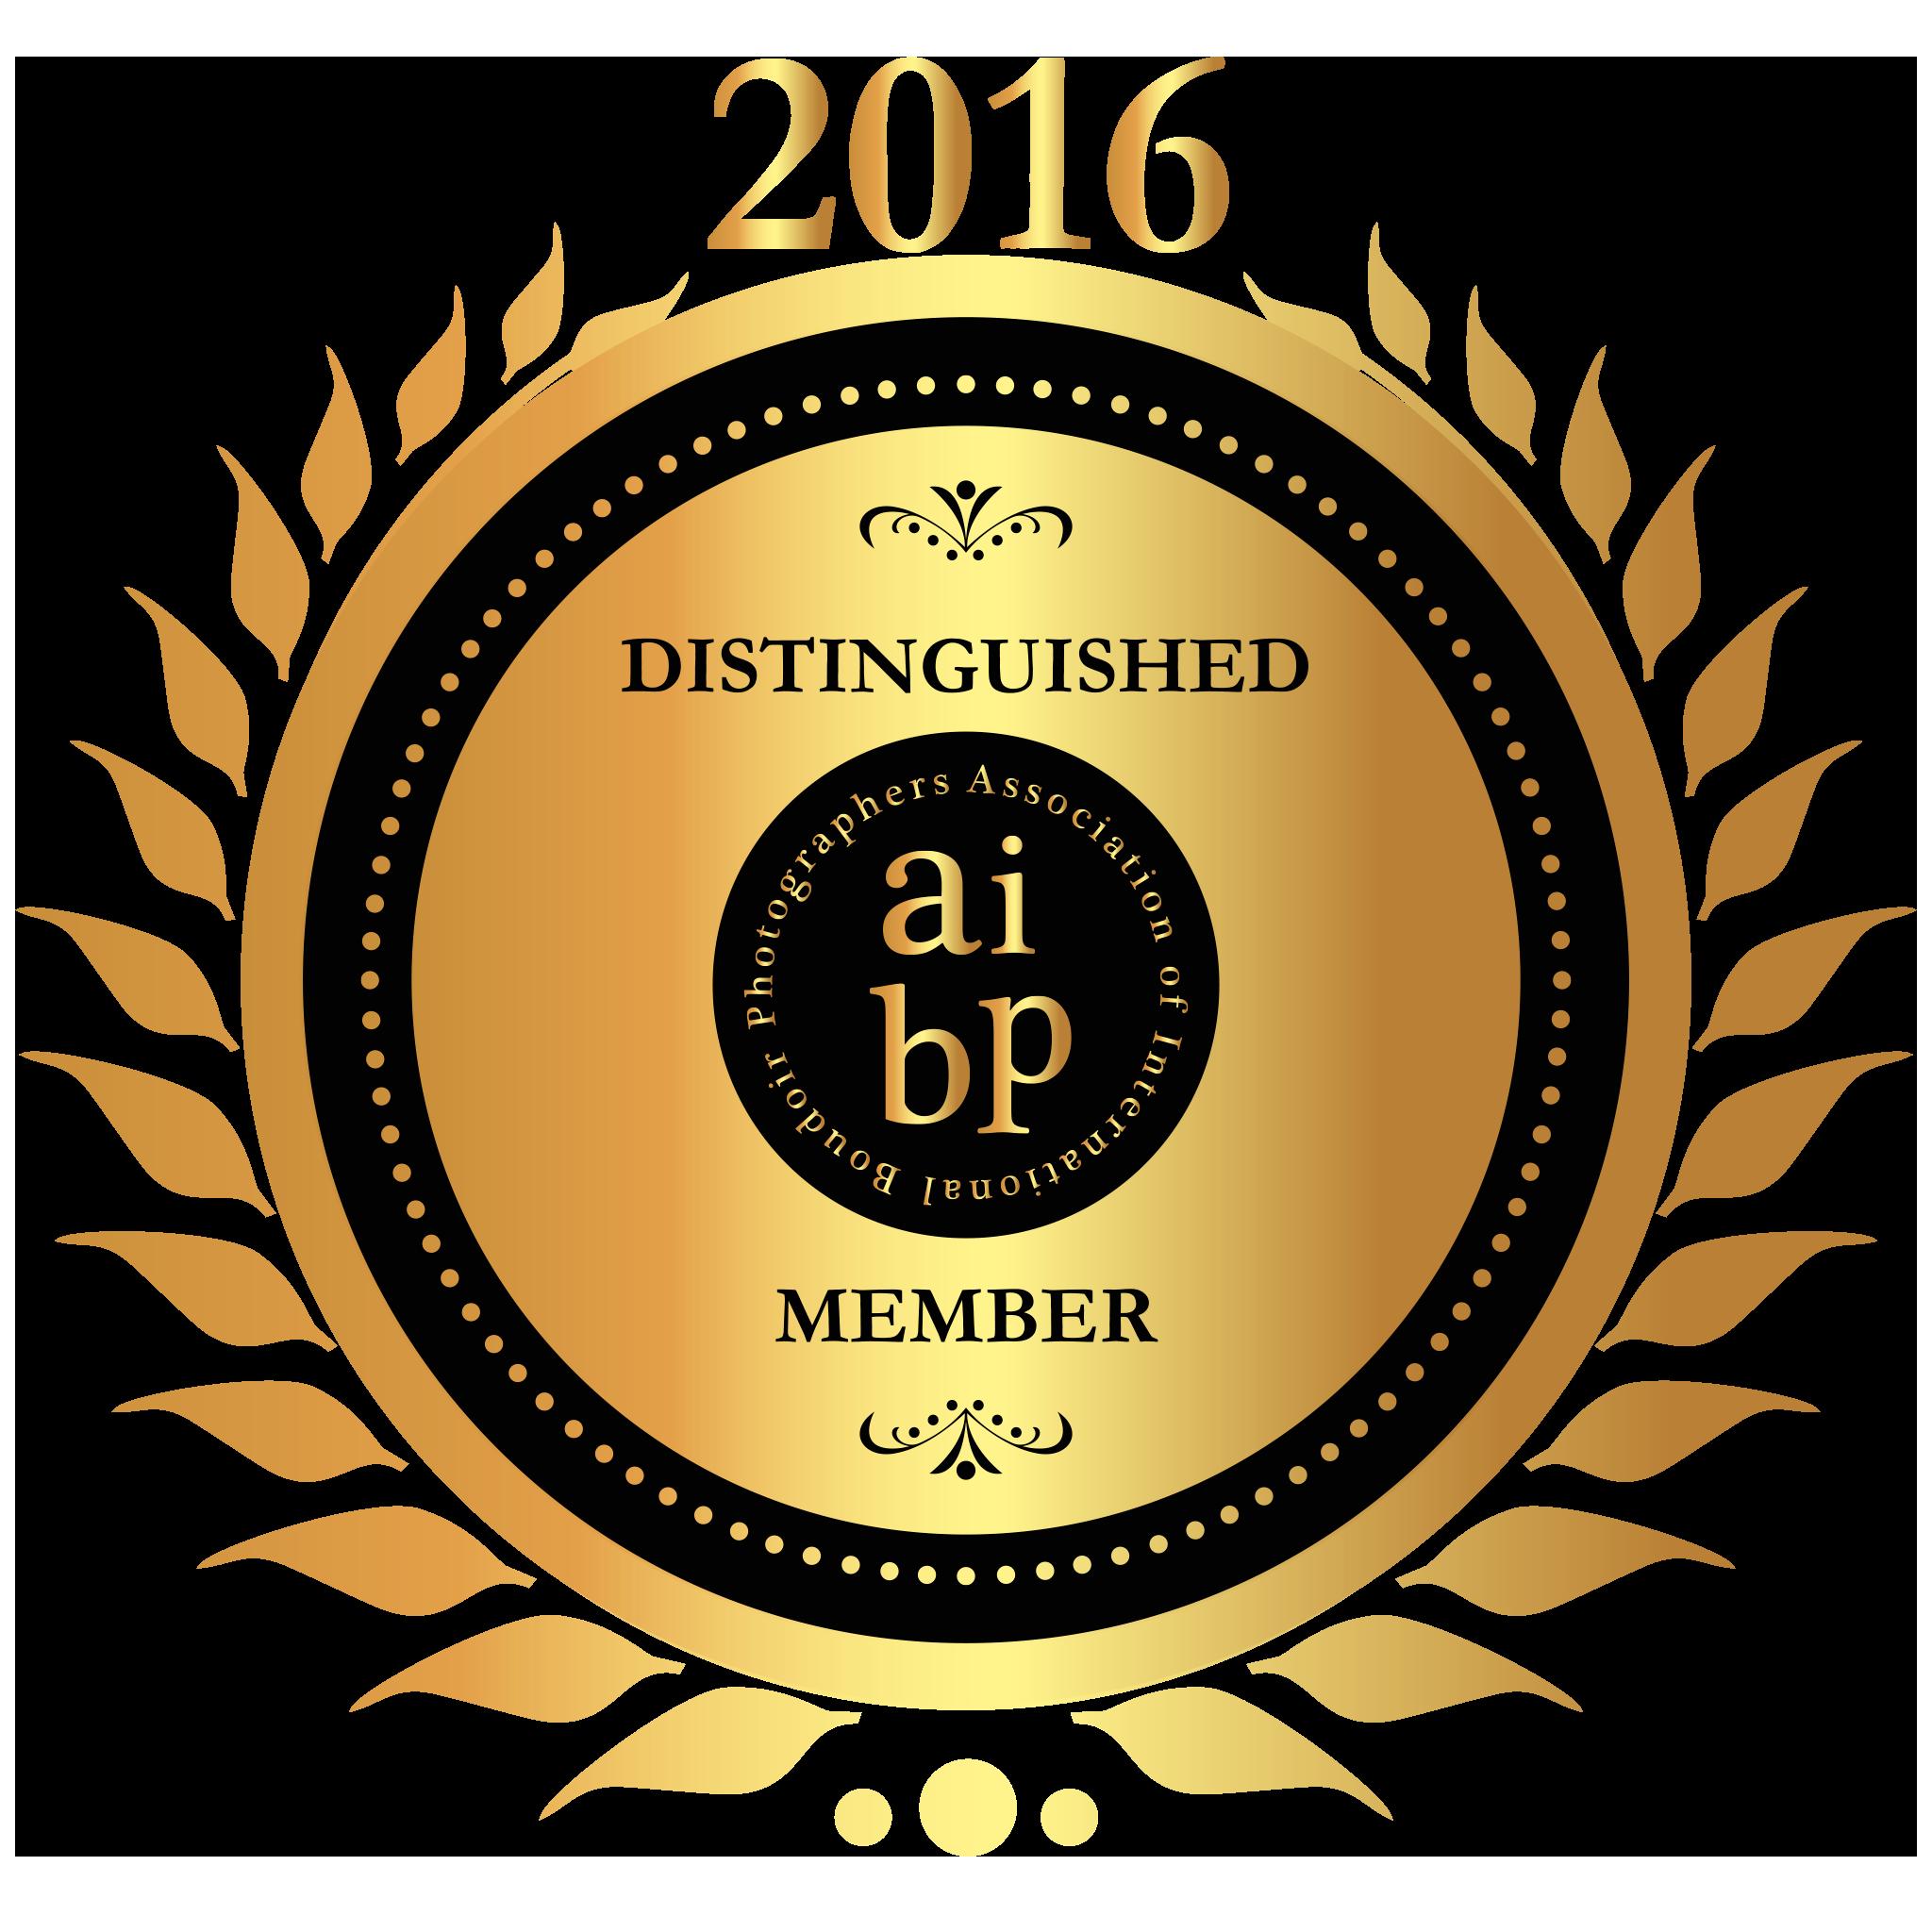 member_badge_2016_gold